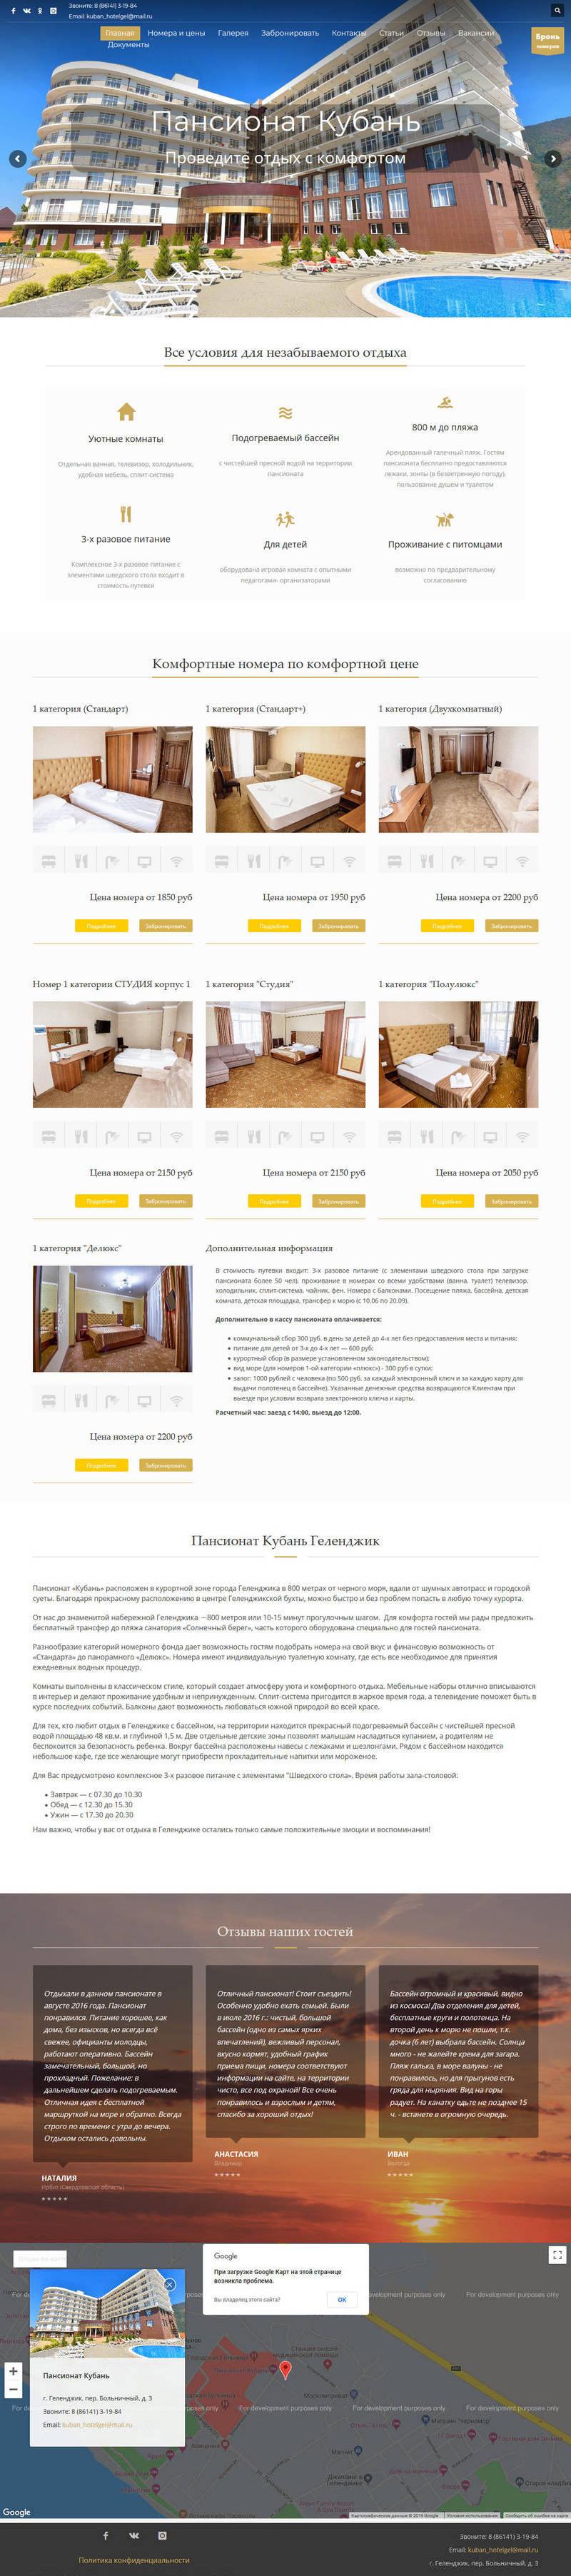 Сайт пансионата Кубань